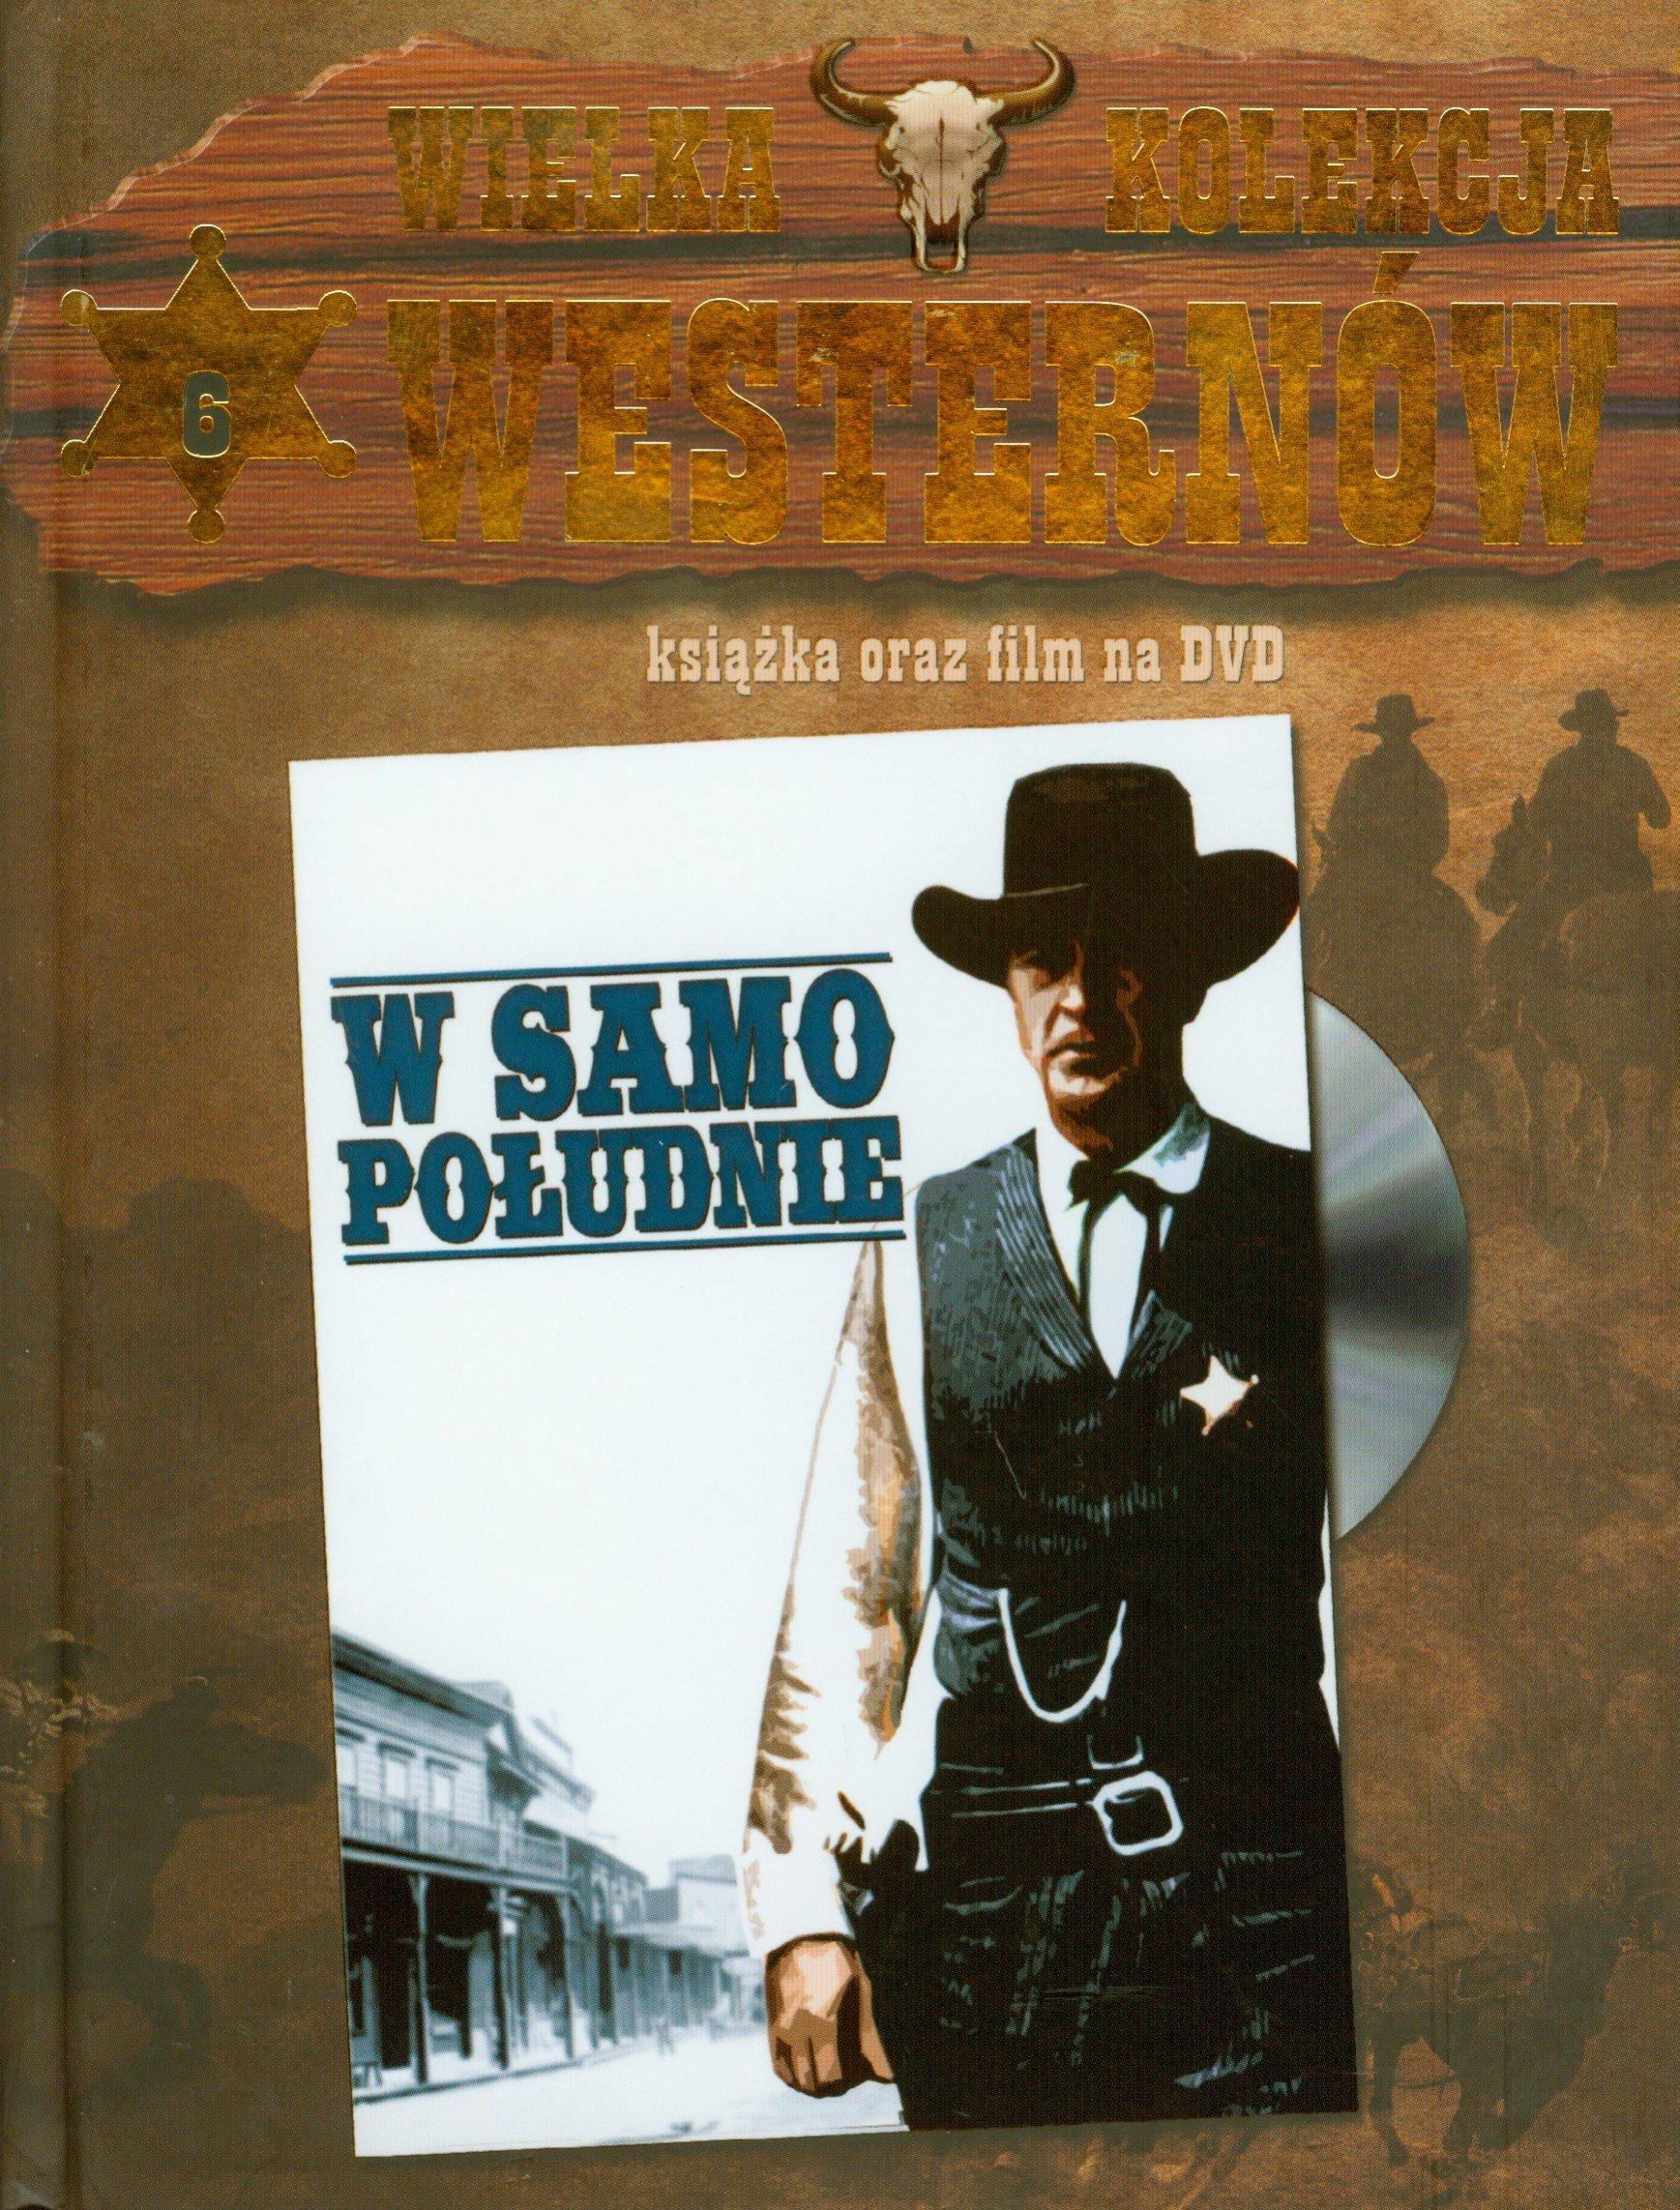 Wielka Kolekcja Westernow 6 W samo poludnie